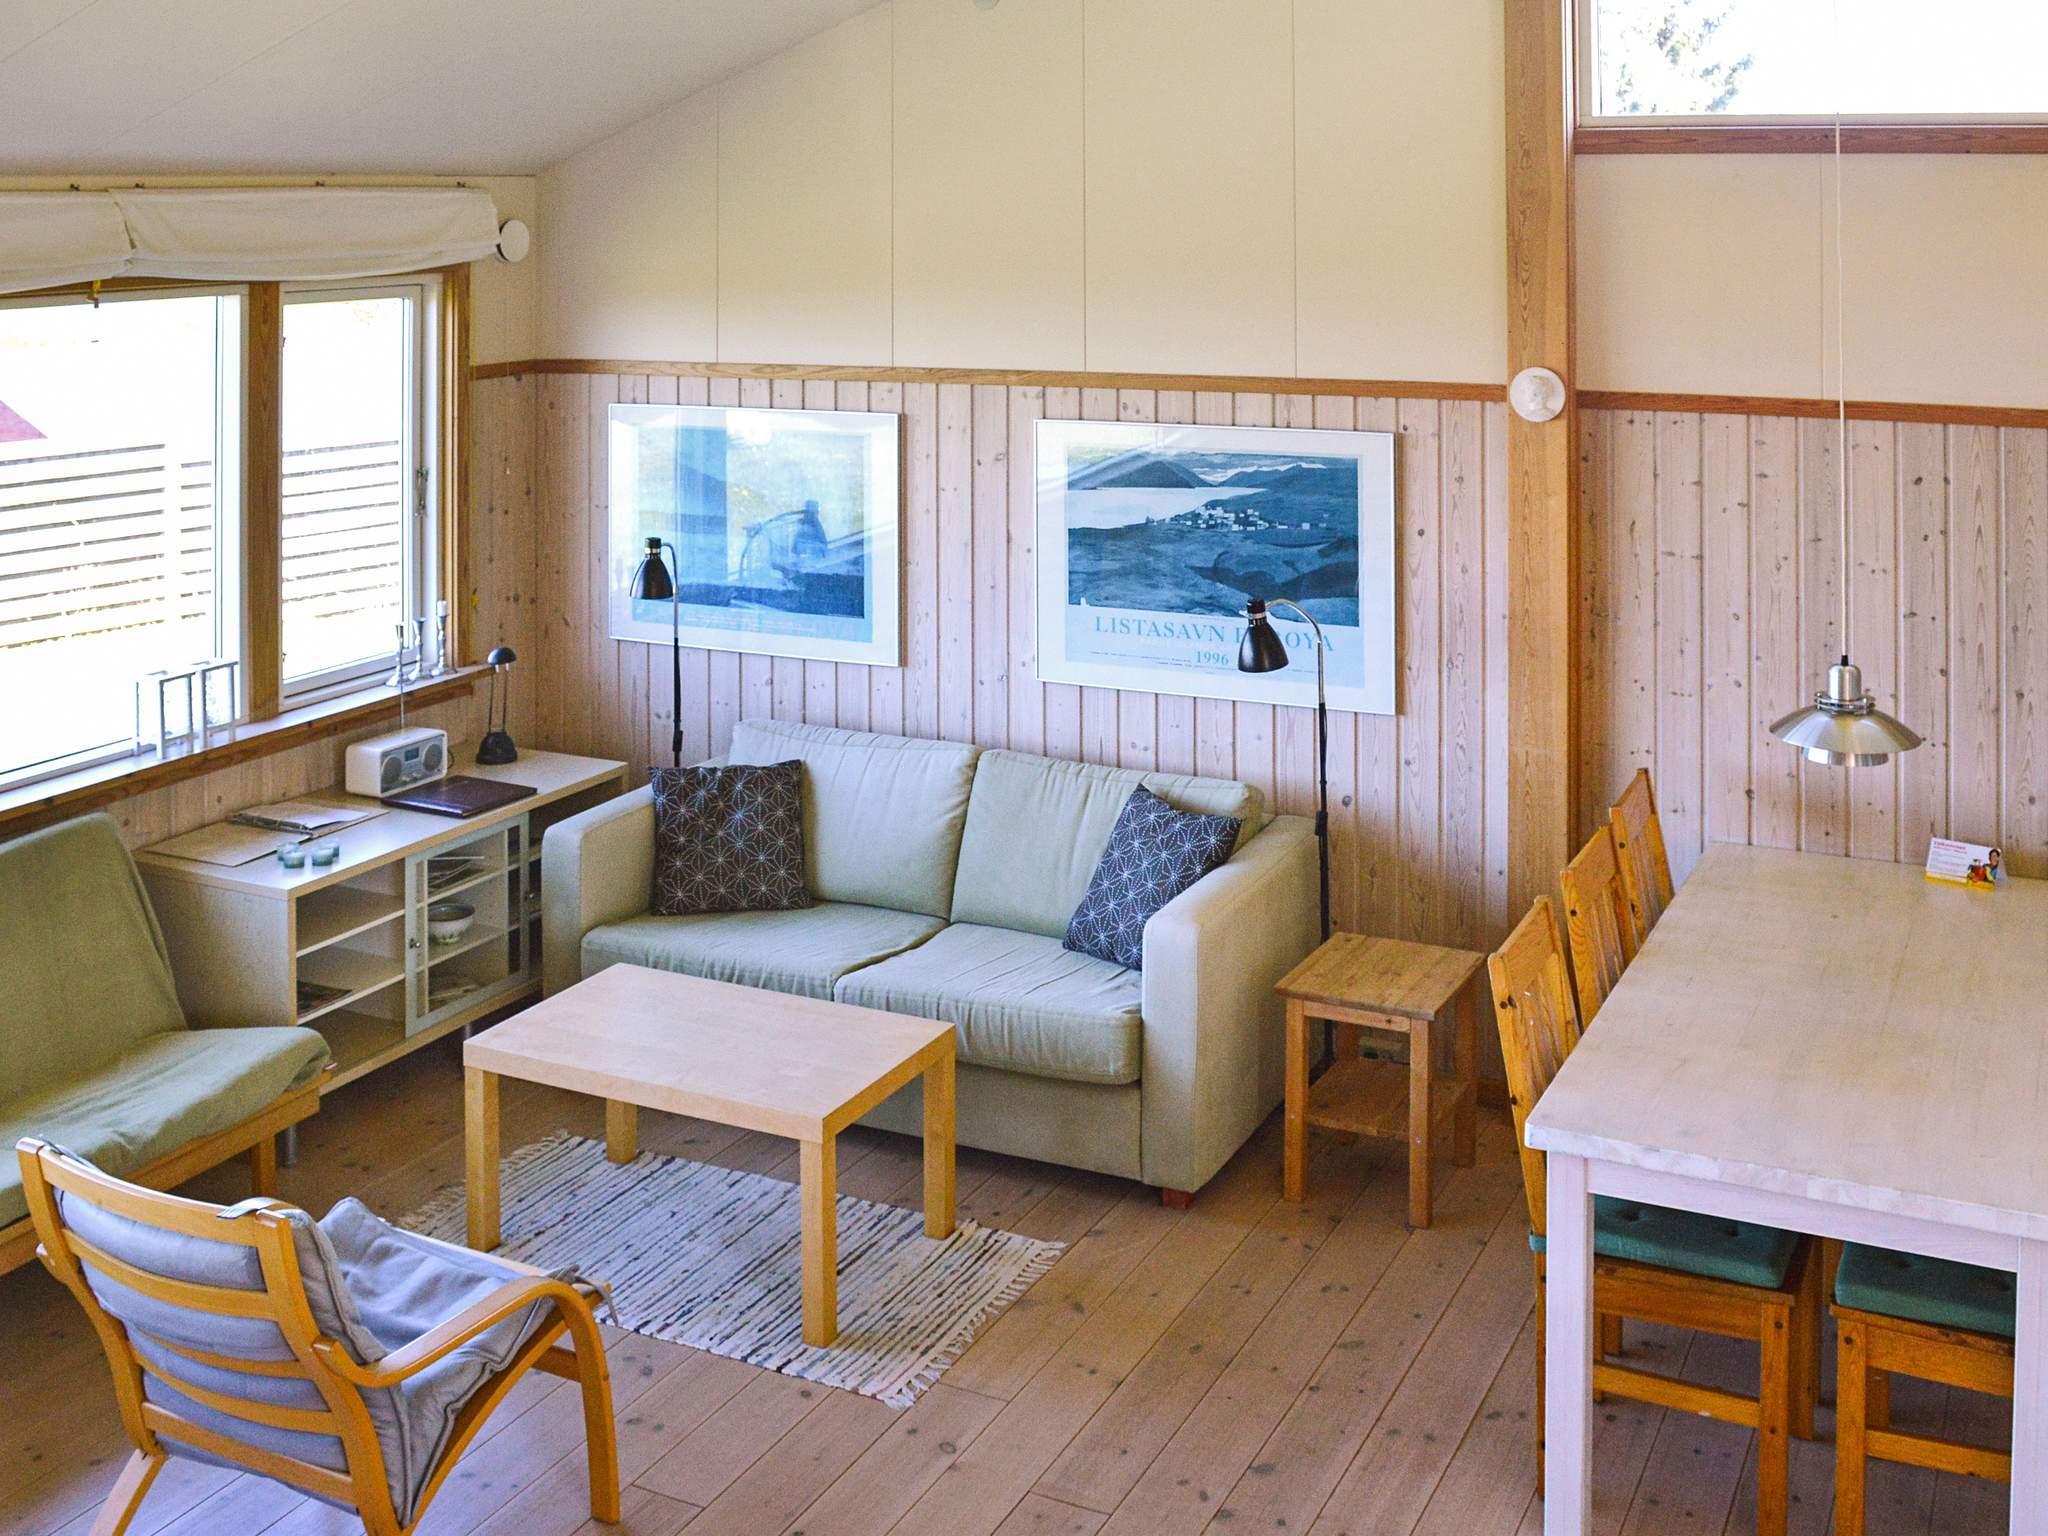 Ferienhaus Veddinge Bakker (2354175), Veddinge, , Westseeland, Dänemark, Bild 4